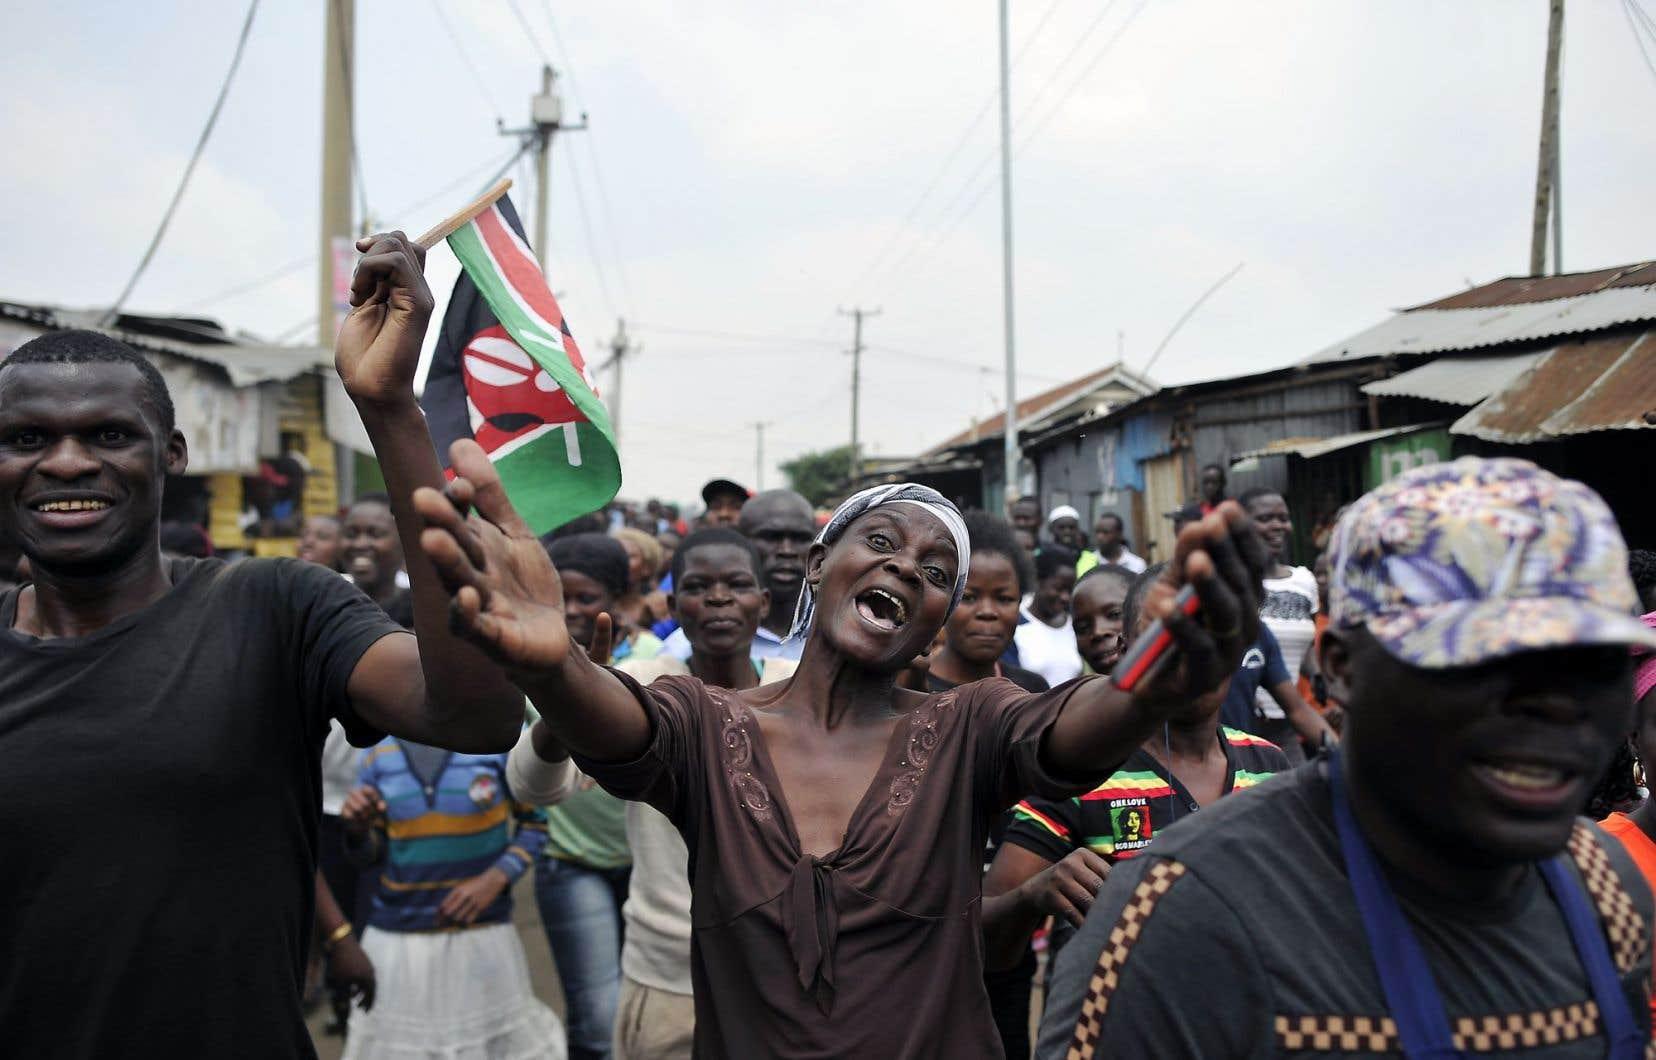 Des partisans de l'opposant Raila Odinga dans les rues de Nairobi, le 1er septembre dernier